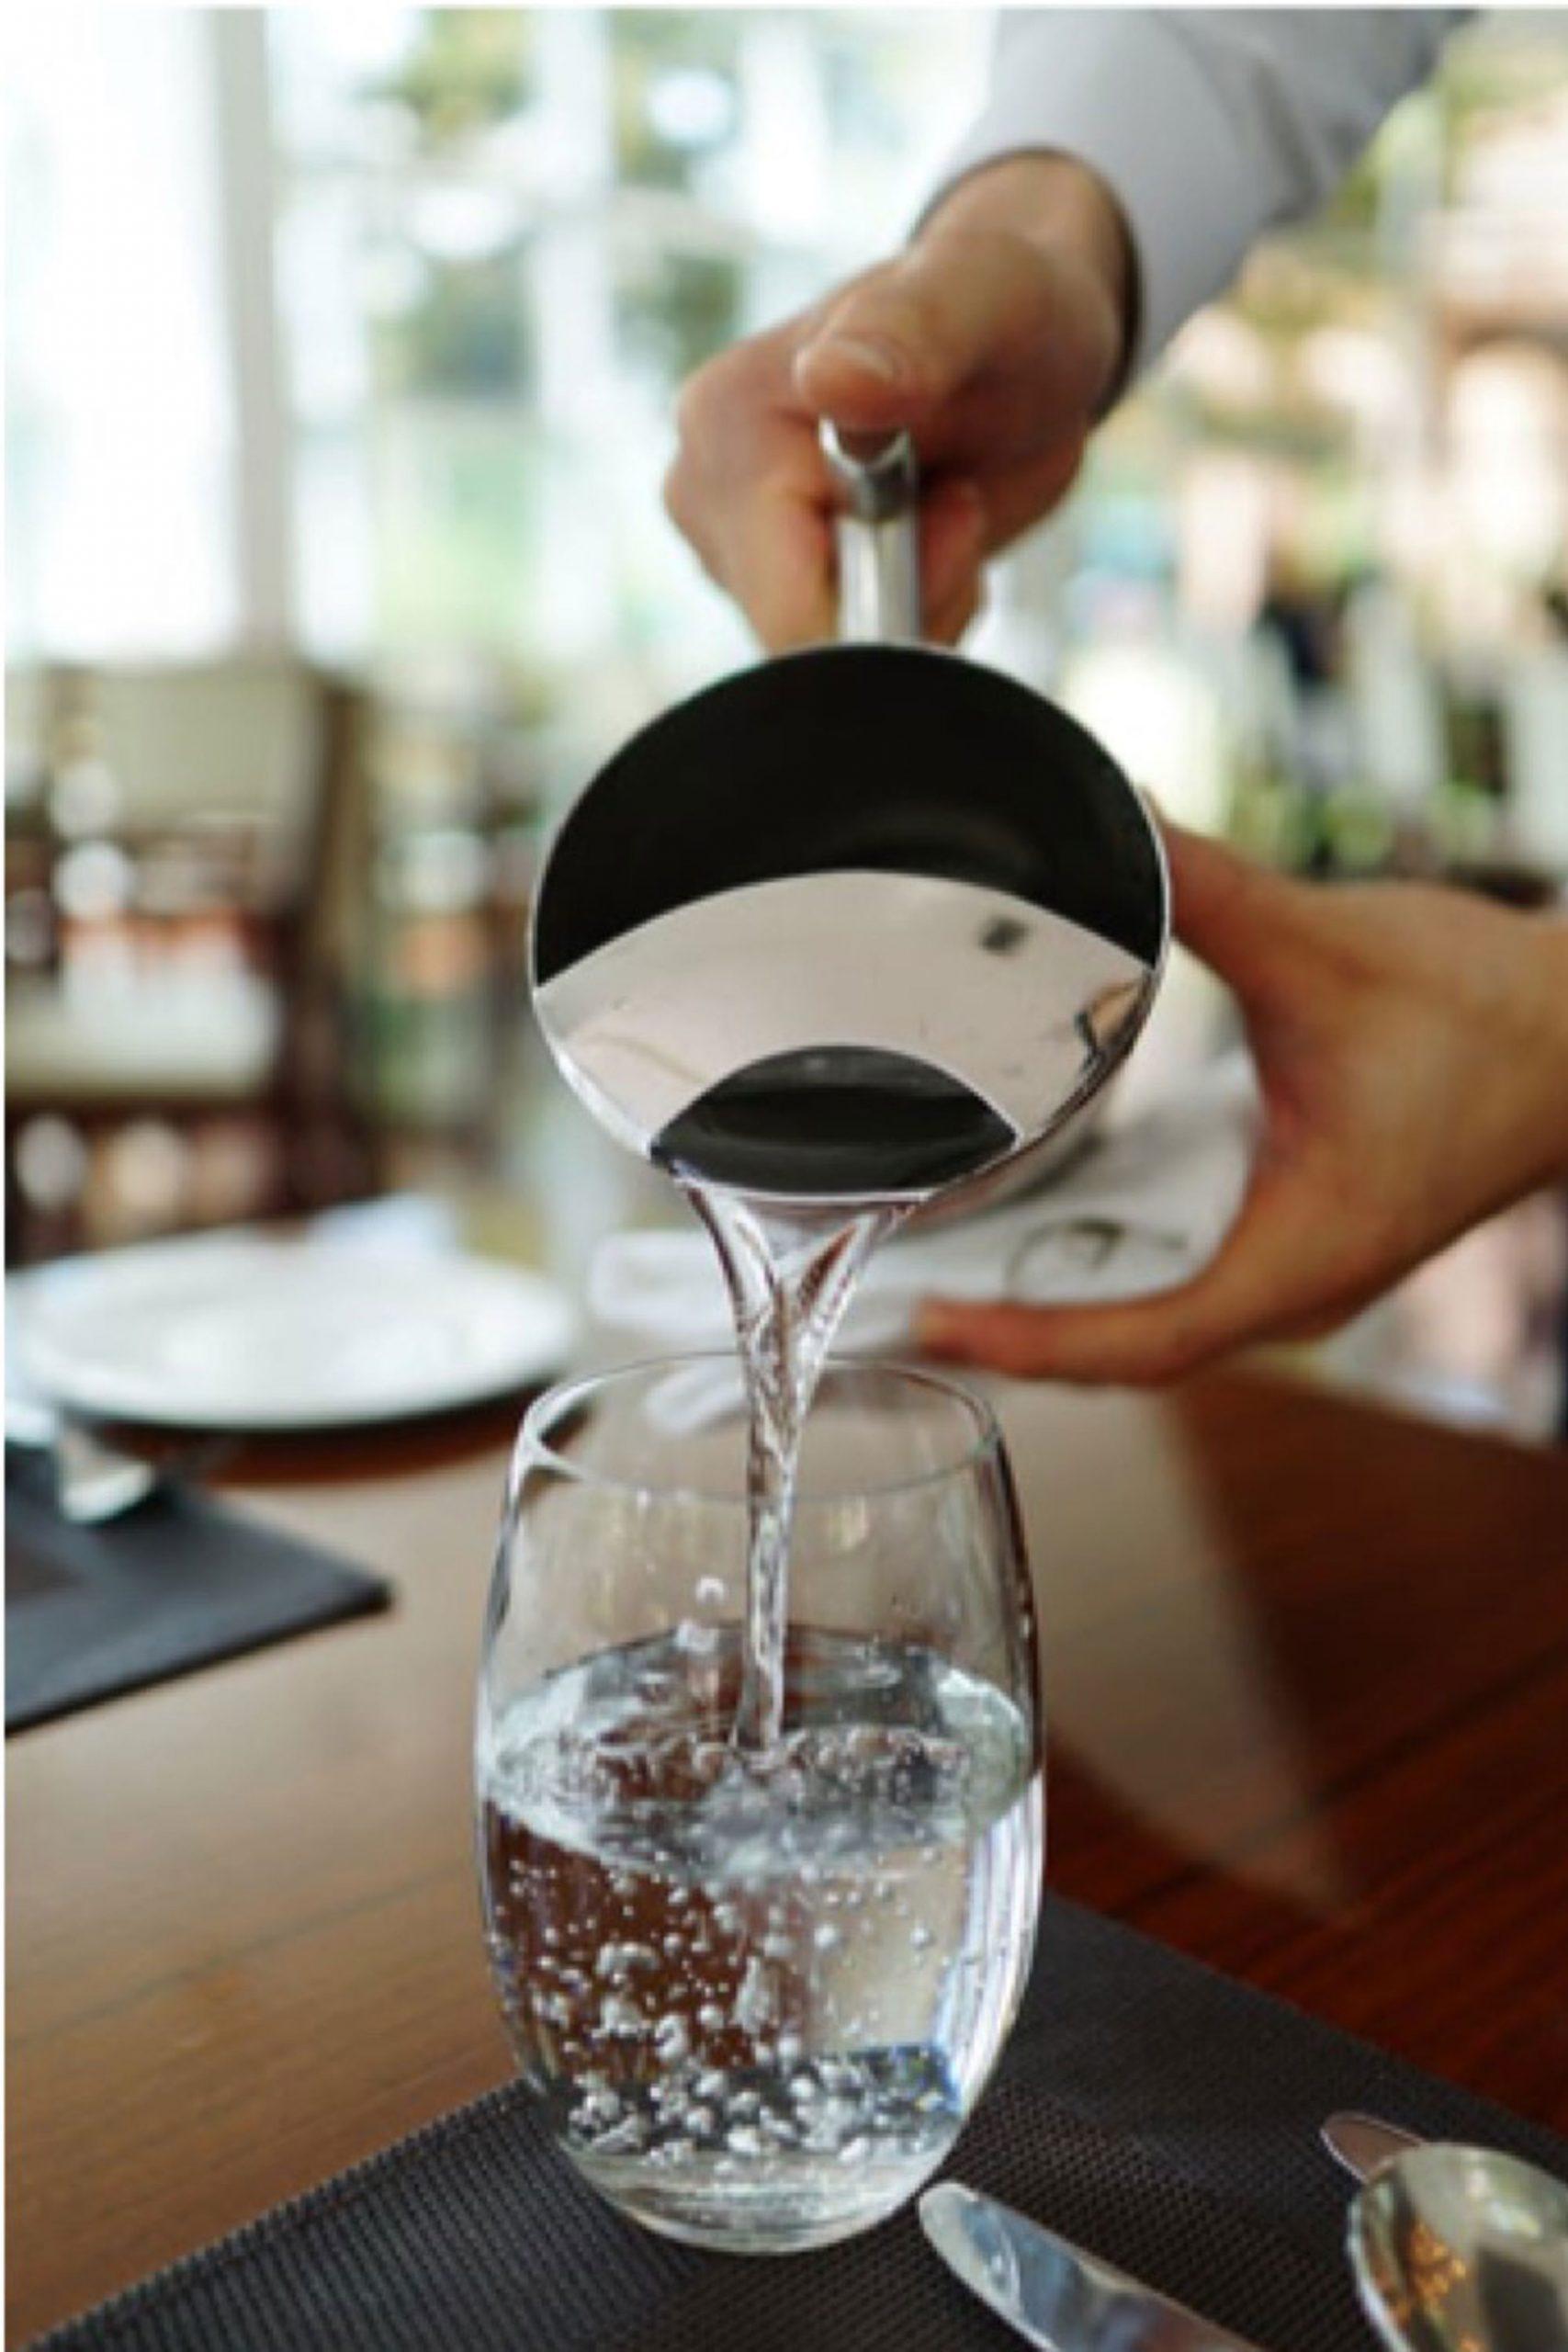 后疫情时代, 如何保障您的每一口安全饮水?